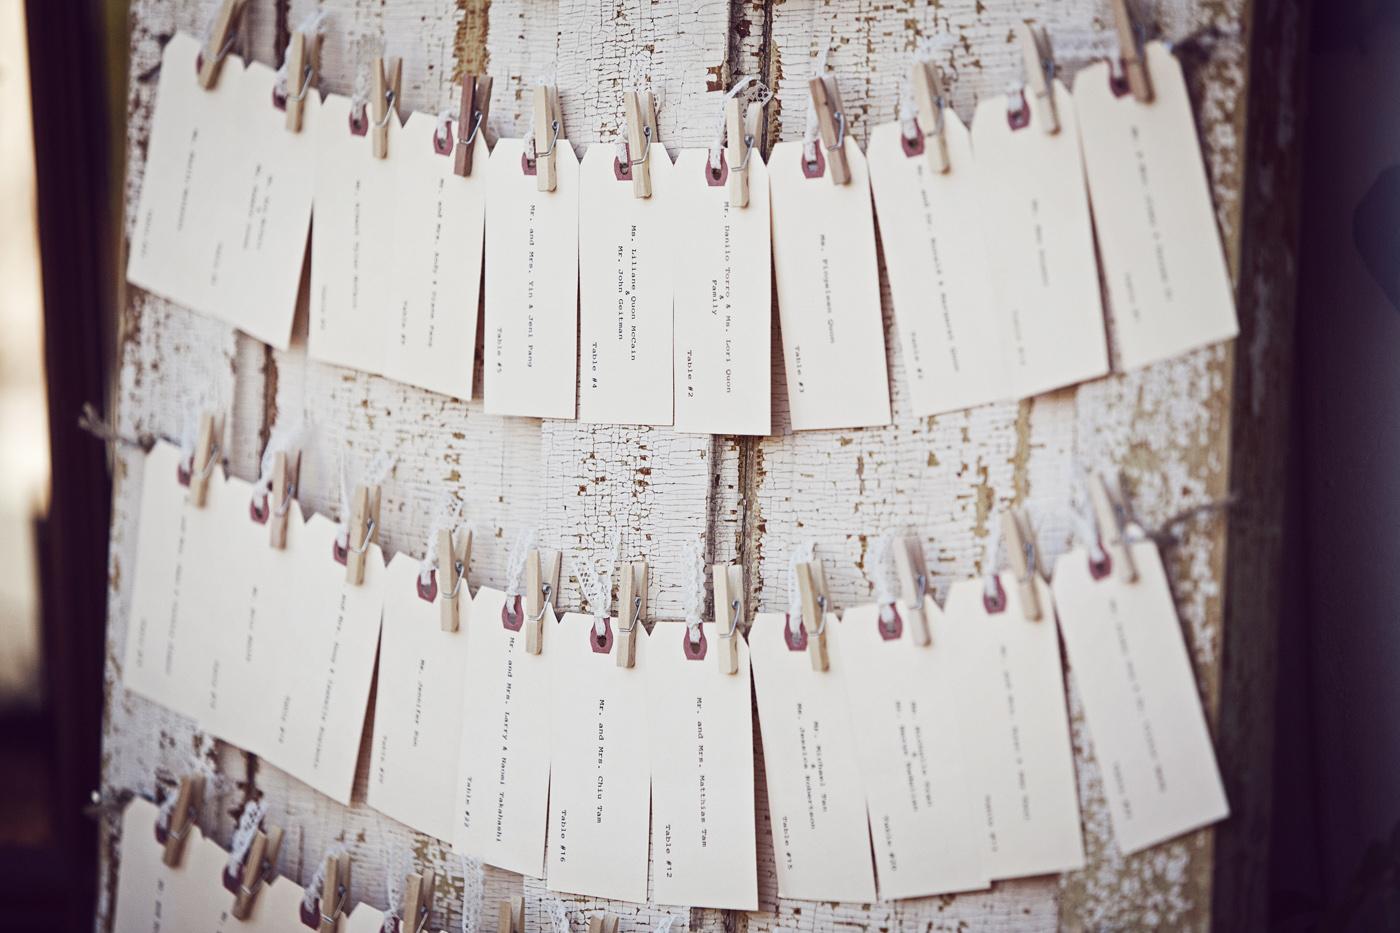 004_DukePhotography_DukeImages_Wedding_Details.jpg